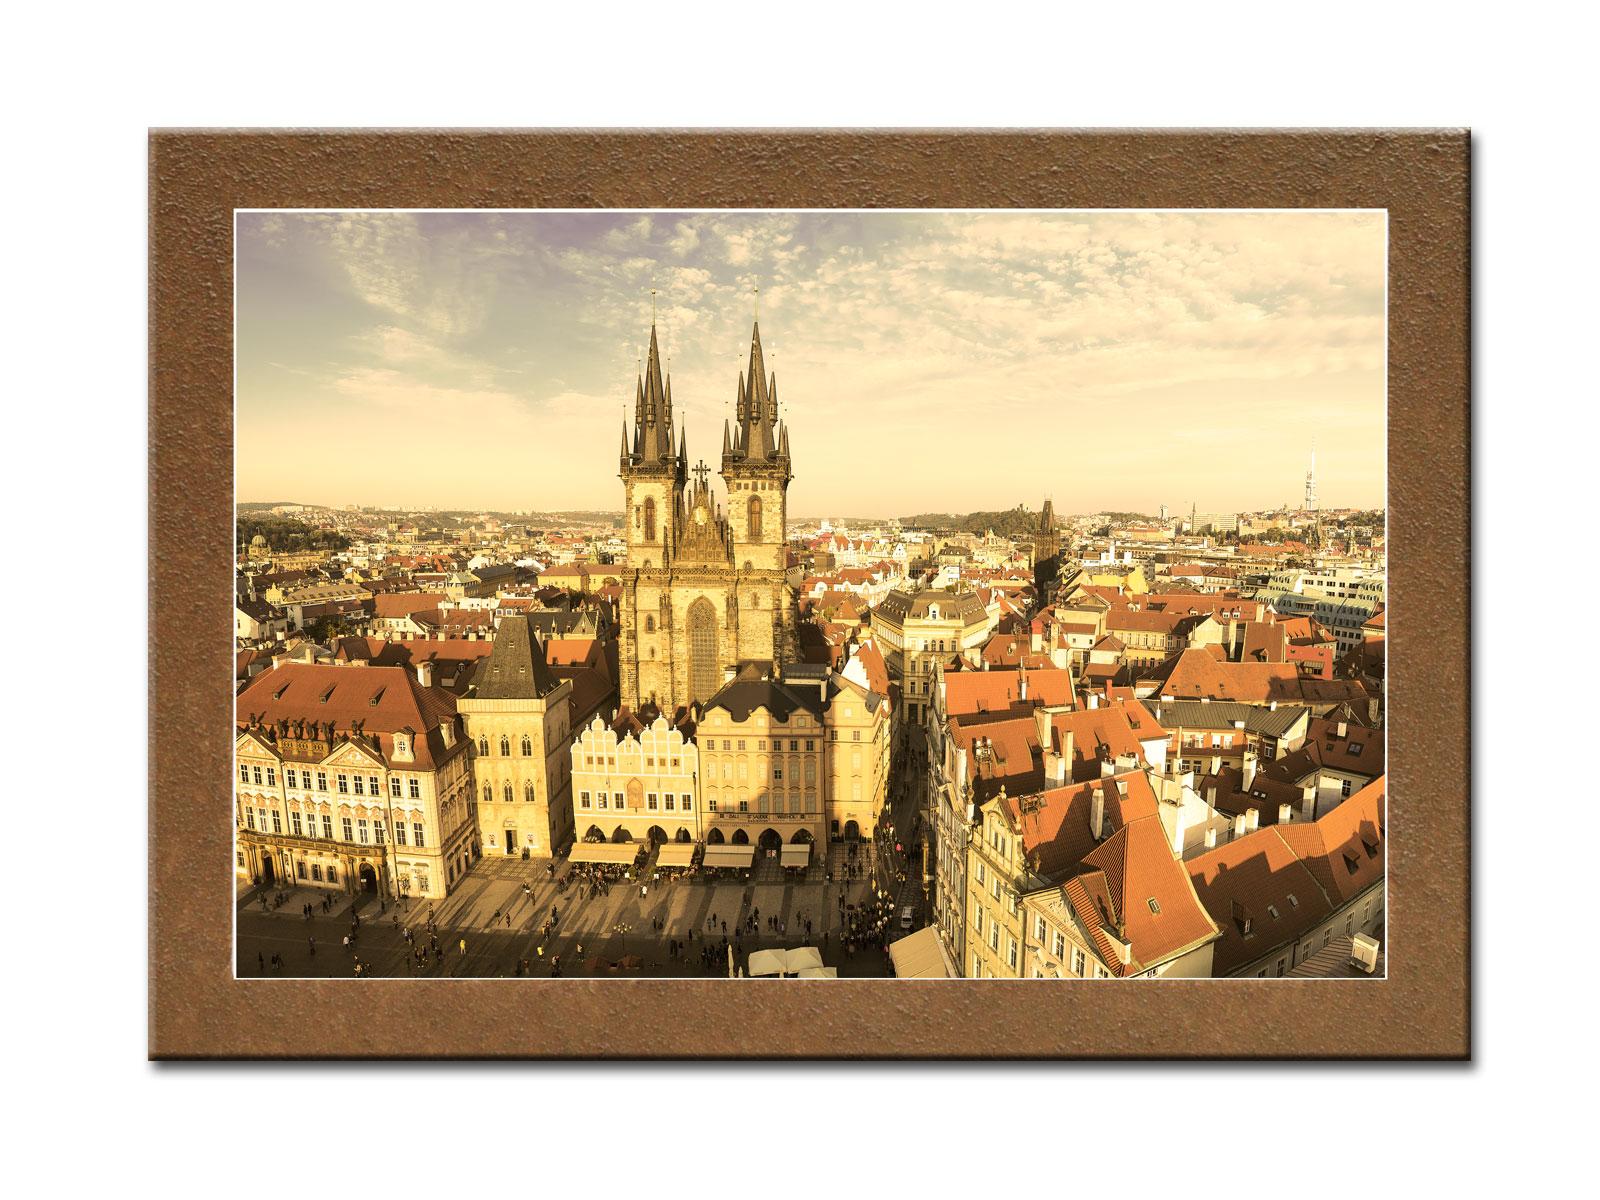 Картина С высотыКартины<br>Картина из серии &amp;quot;Города&amp;quot;.&amp;amp;nbsp;&amp;lt;div&amp;gt;&amp;lt;br&amp;gt;&amp;lt;/div&amp;gt;&amp;lt;div&amp;gt;Натуральный холст, галерейный подрамник, по периметру картина декорирована фактурой песка.&amp;lt;/div&amp;gt;<br><br>Material: Дерево<br>Width см: 70<br>Depth см: 3<br>Height см: 50